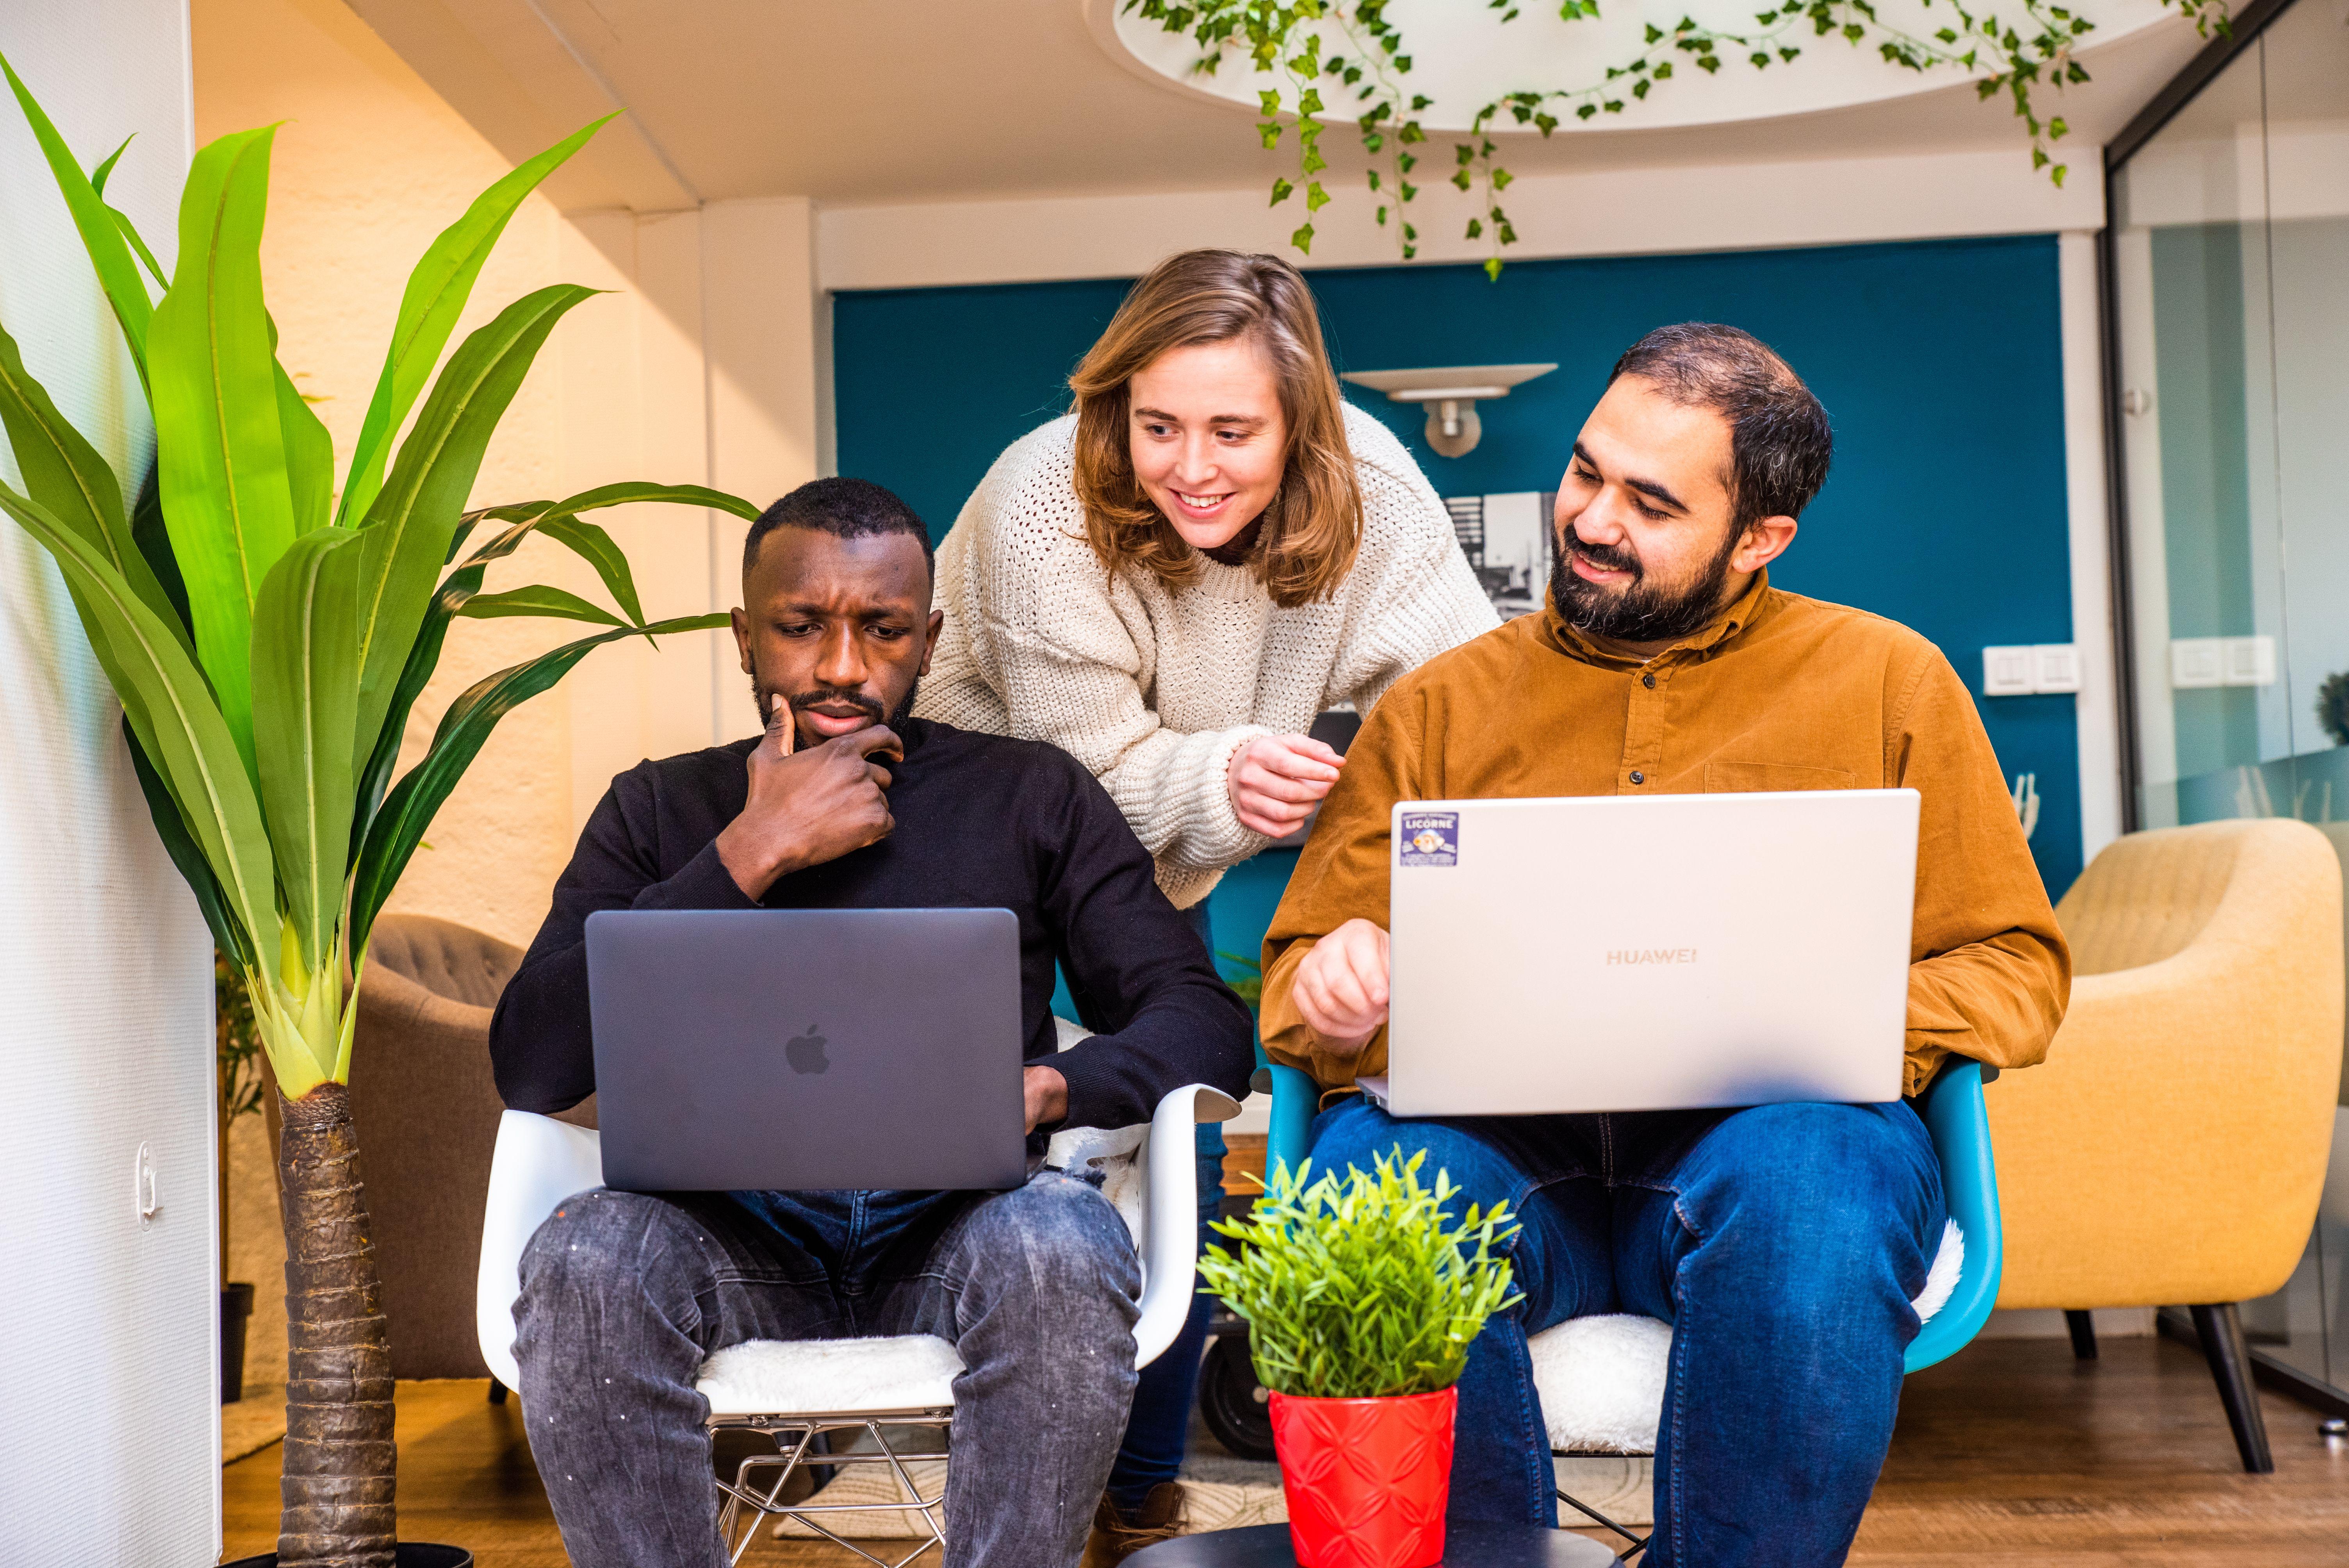 Apprendre le code informatique et vivre en freelance